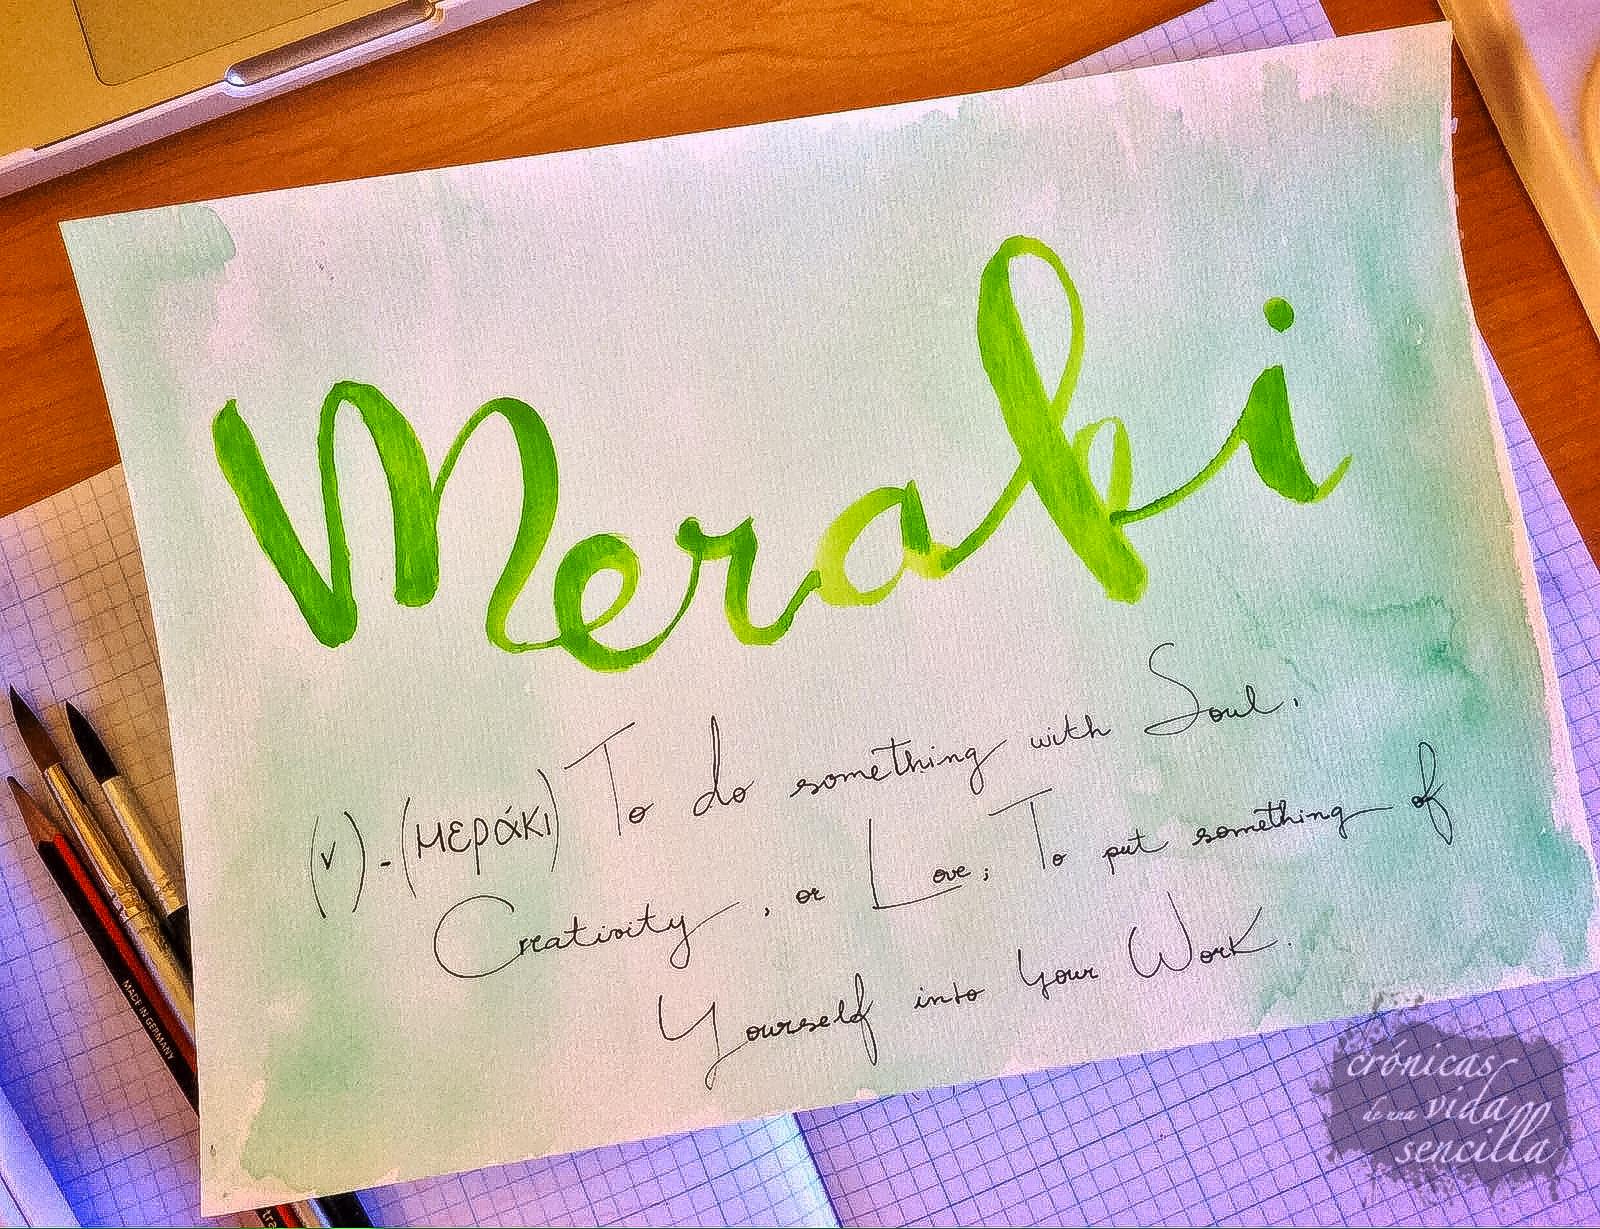 Meraki1